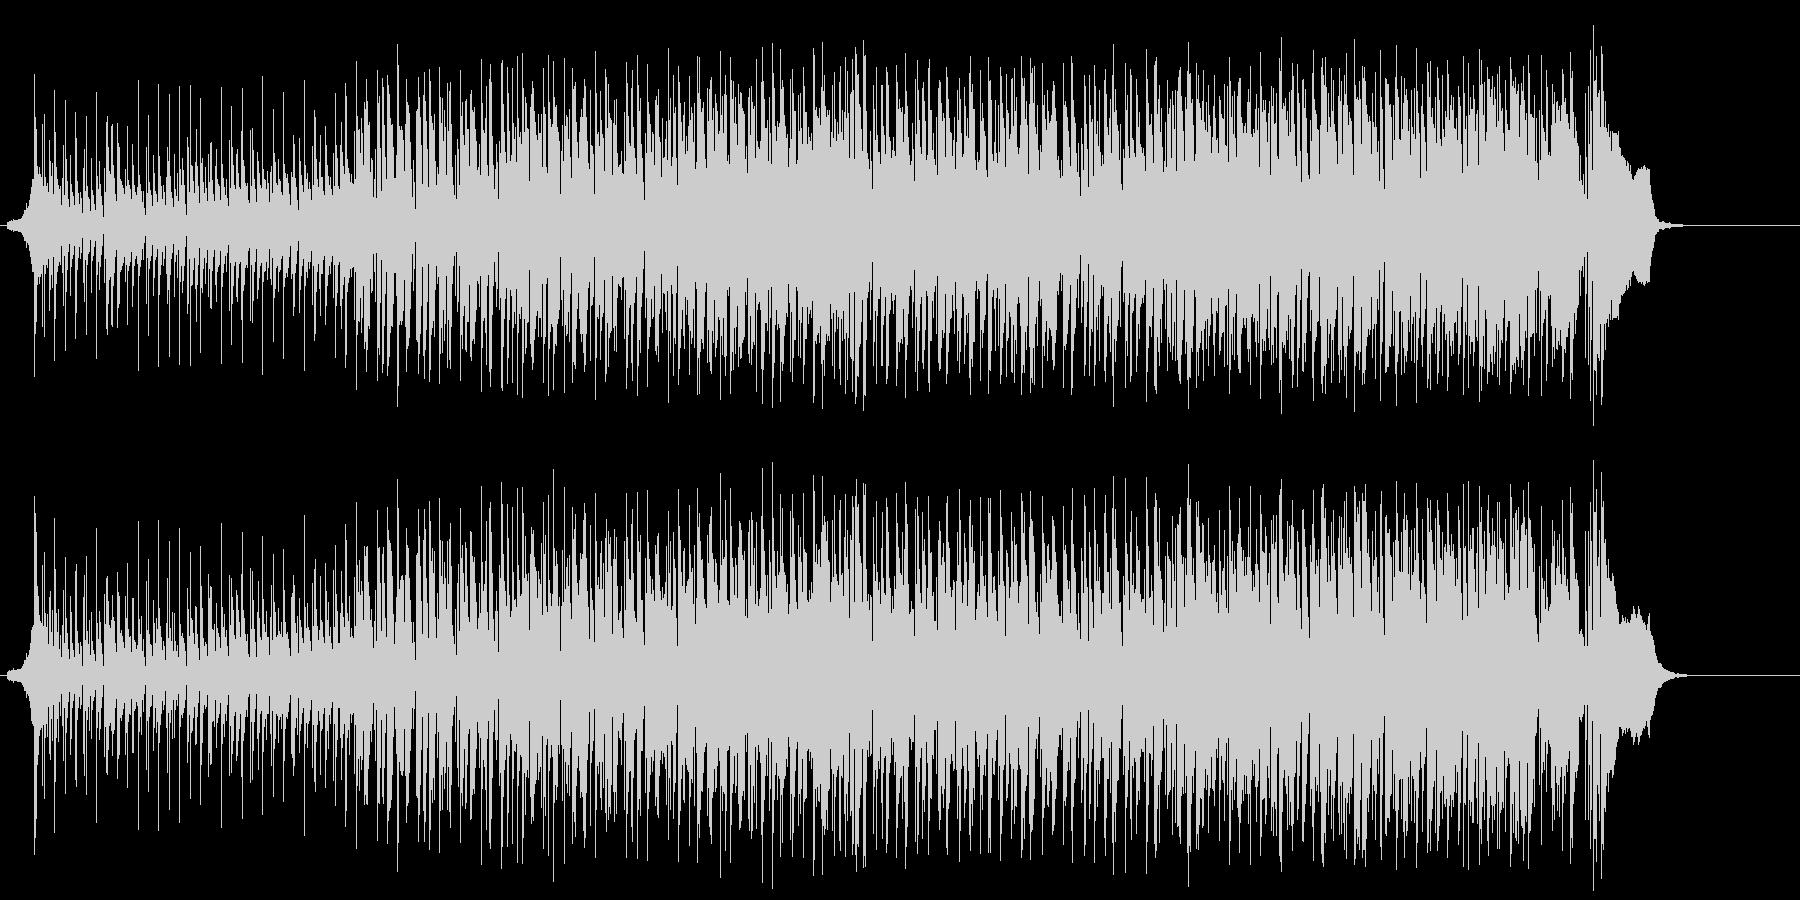 夜のクラブ系マイナー・ハウス/テクノの未再生の波形